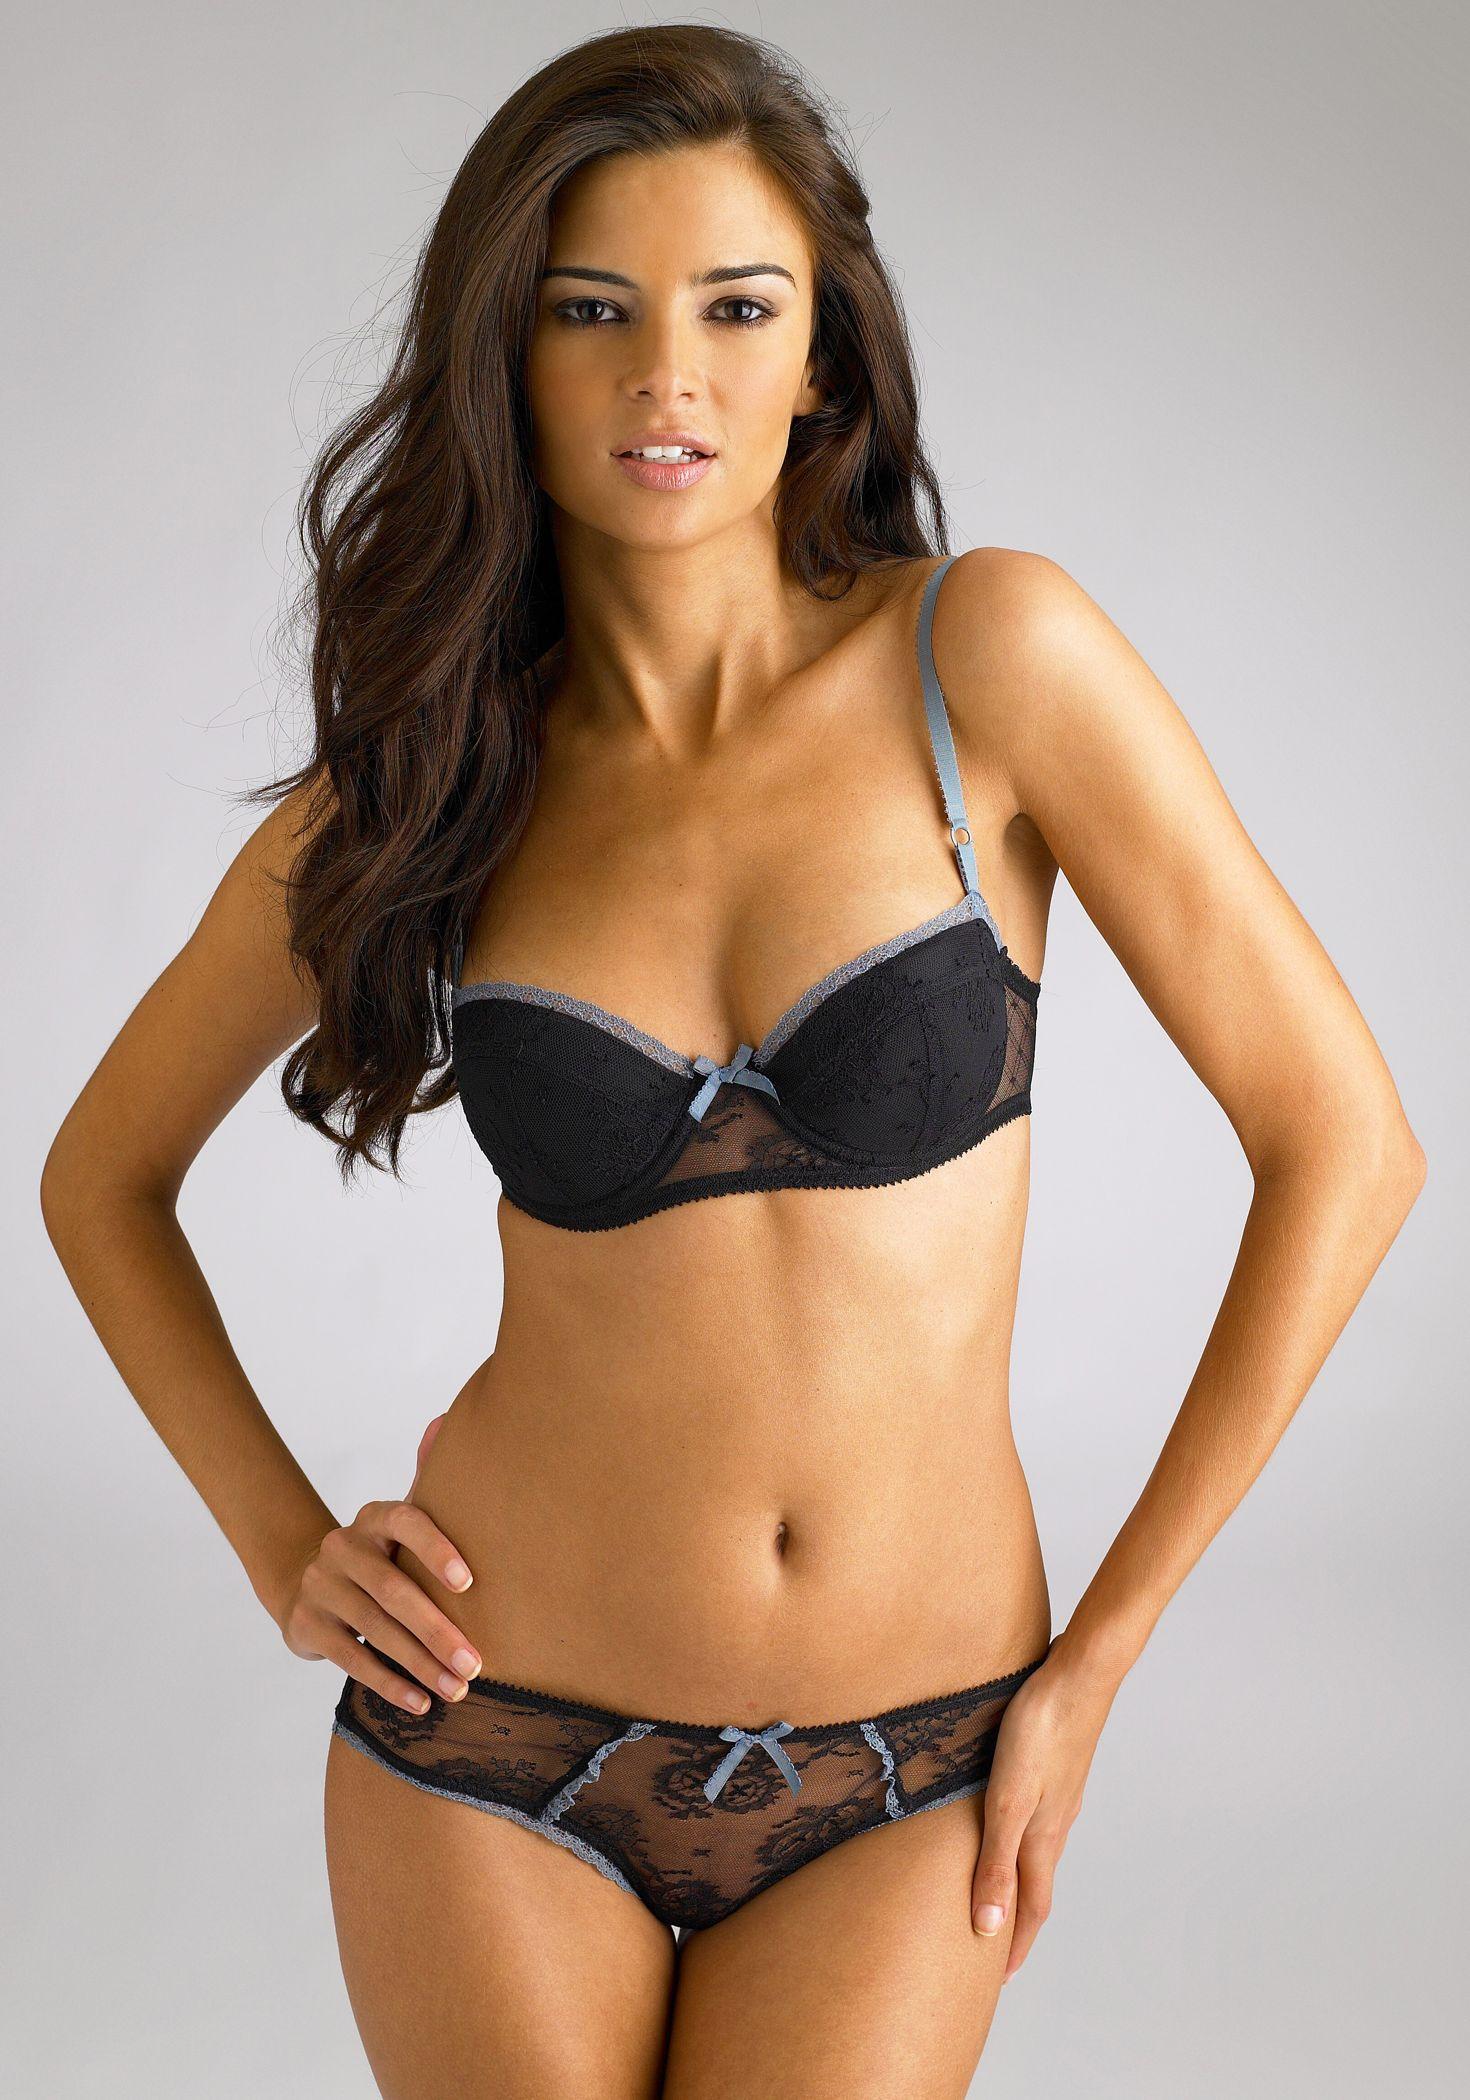 Bra Underwear Lingerie Models